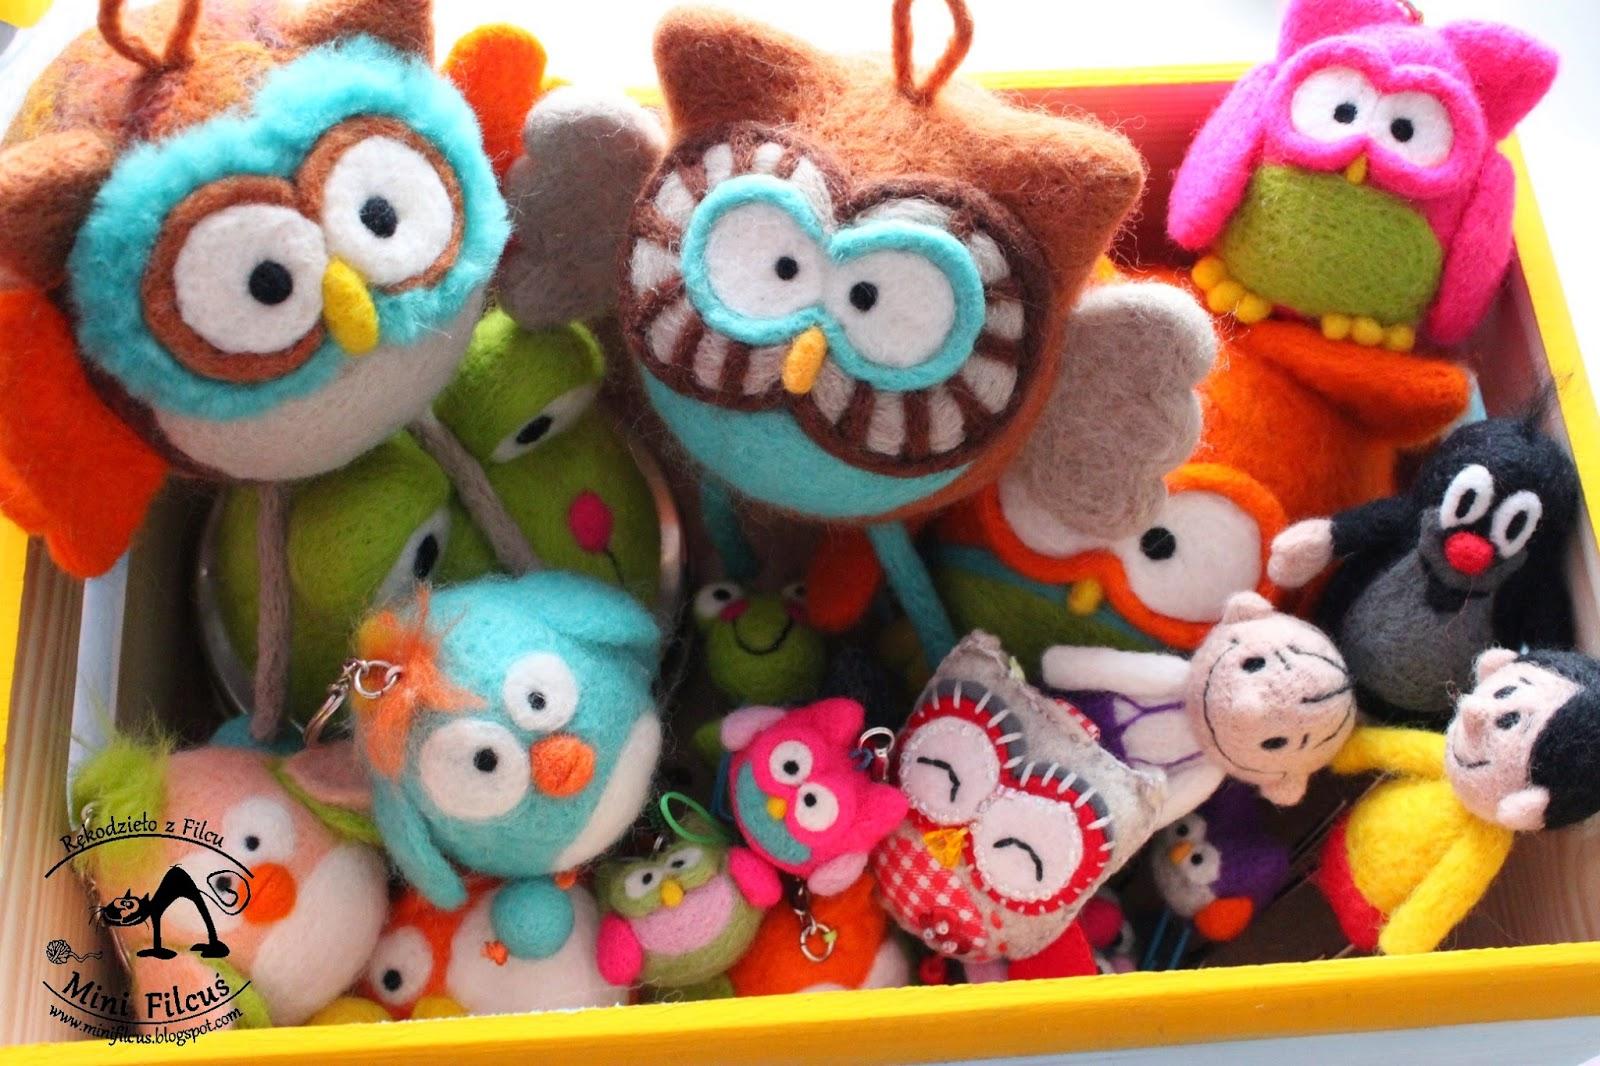 http://minifilcus.blogspot.com/2015/02/mini-filcus-sprzedaz-wyprzedaz.html